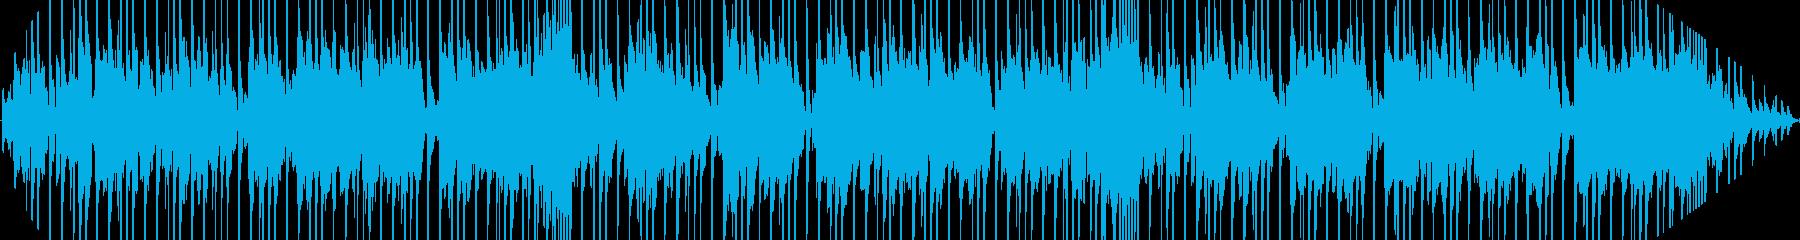 マイナーブルースギターの再生済みの波形